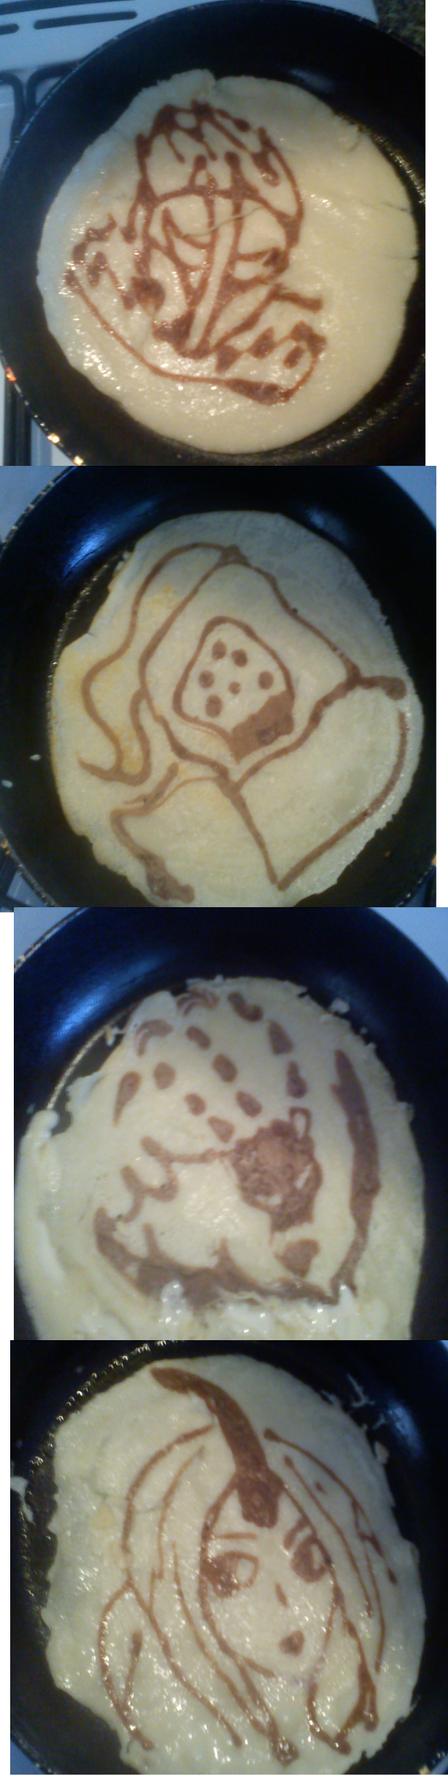 LoL pancakes by mio-san13